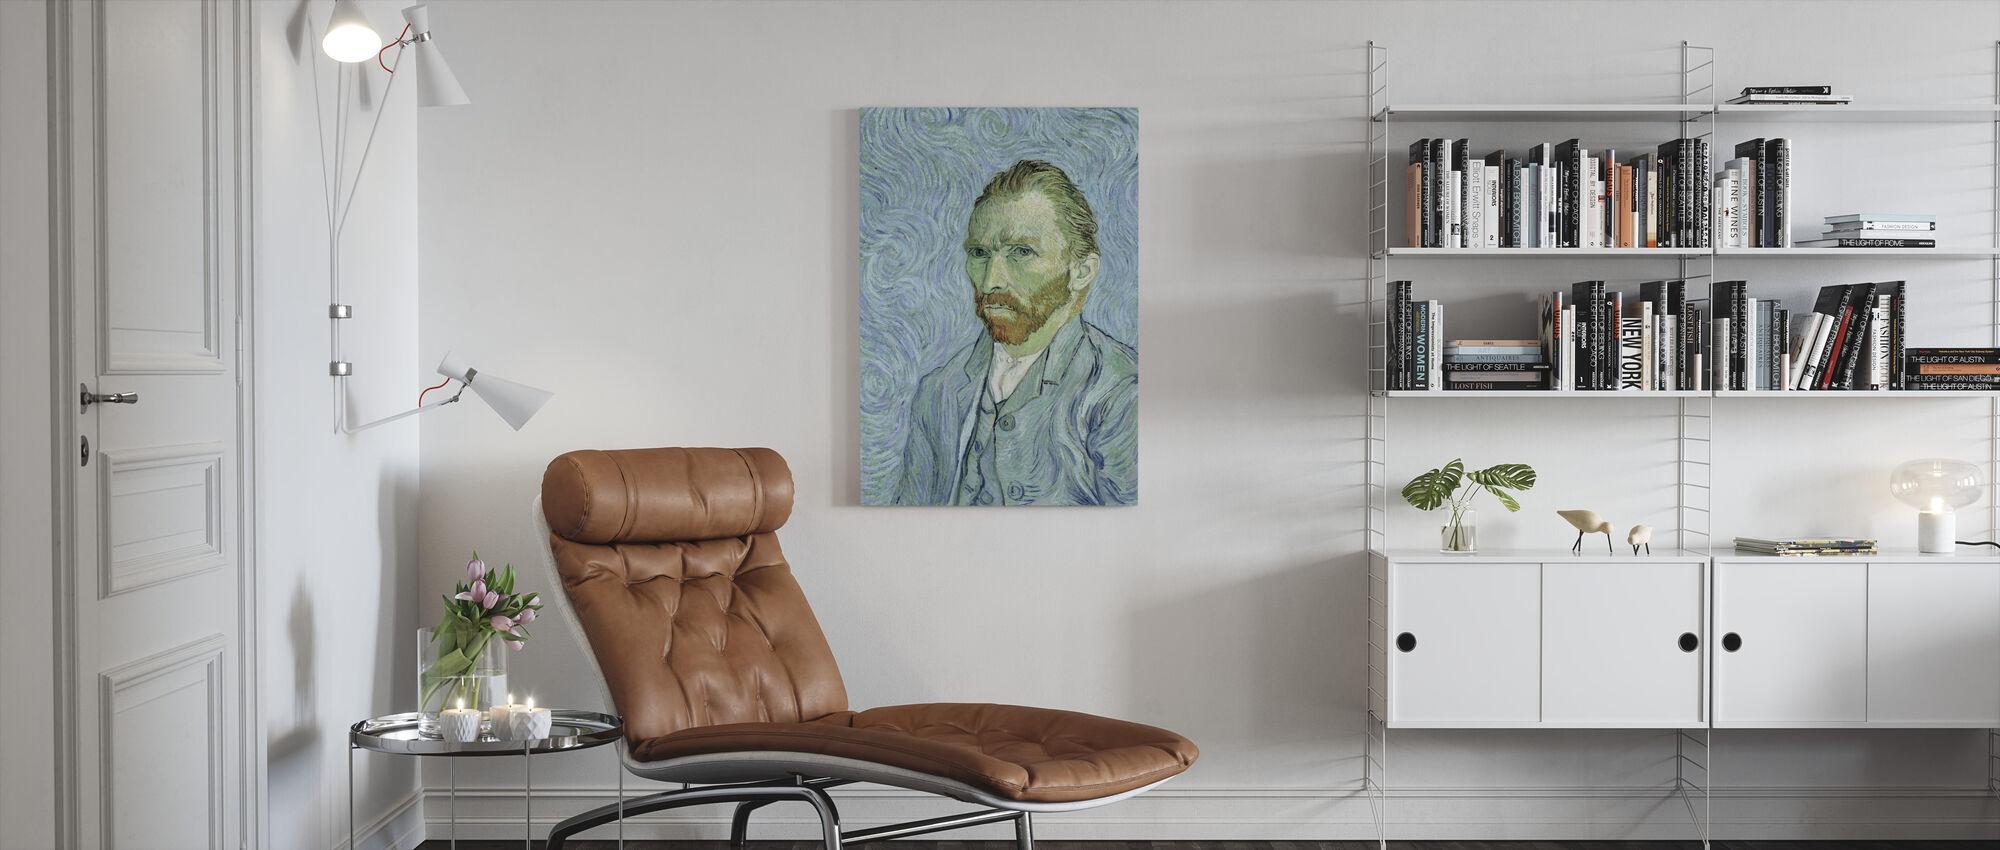 Self portrait, Vincent van Gogh - Canvas print - Living Room